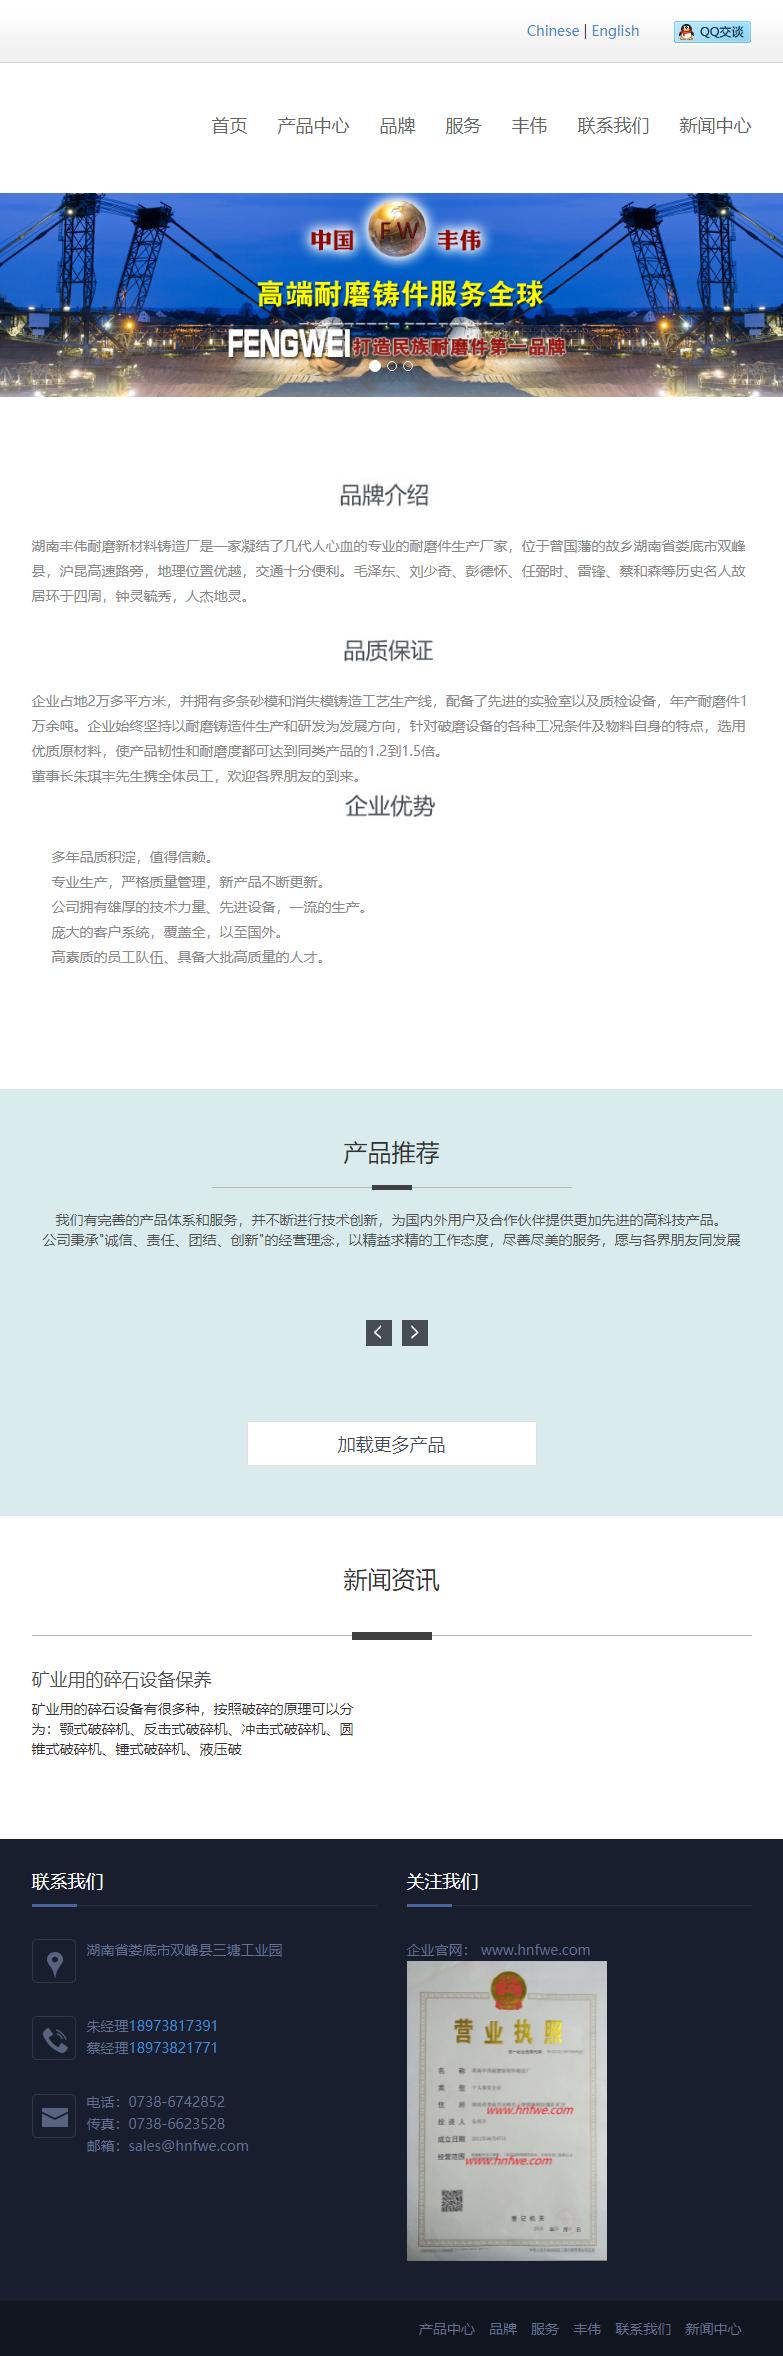 湖南丰伟耐磨新材料铸造厂网站案例